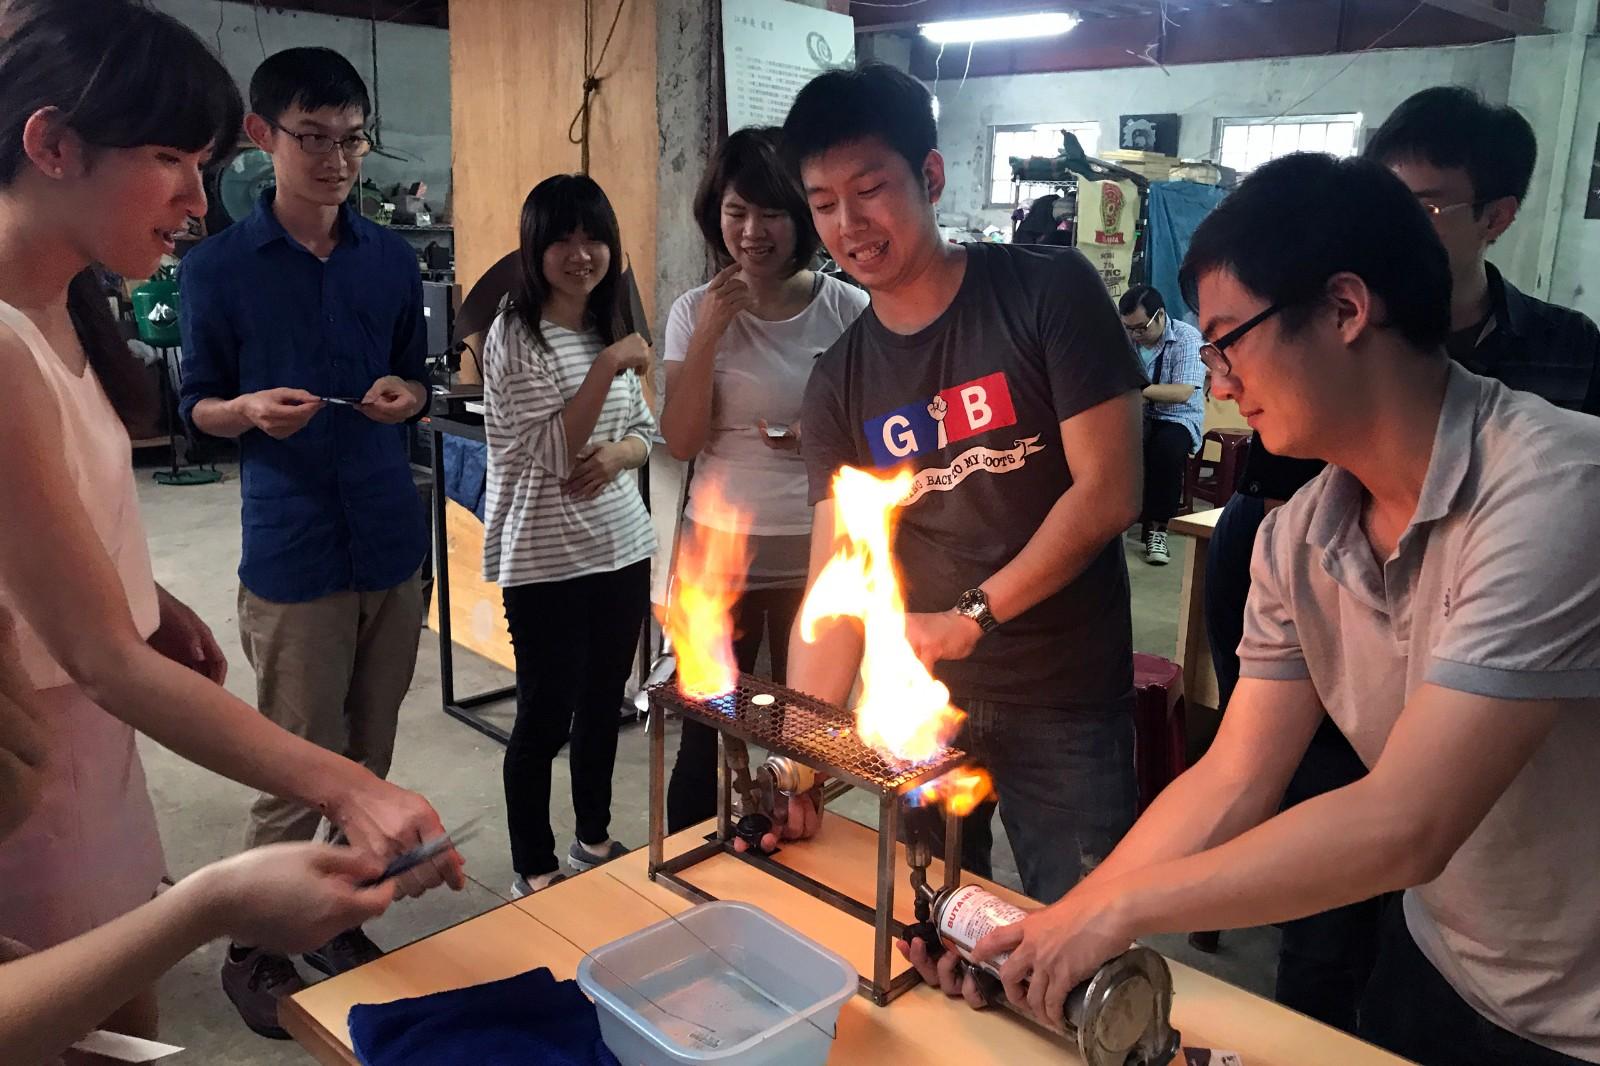 一日職人DIY體驗 - 三峽琺瑯工藝手作 | 甘樂文創 | 甘之如飴,樂在其中